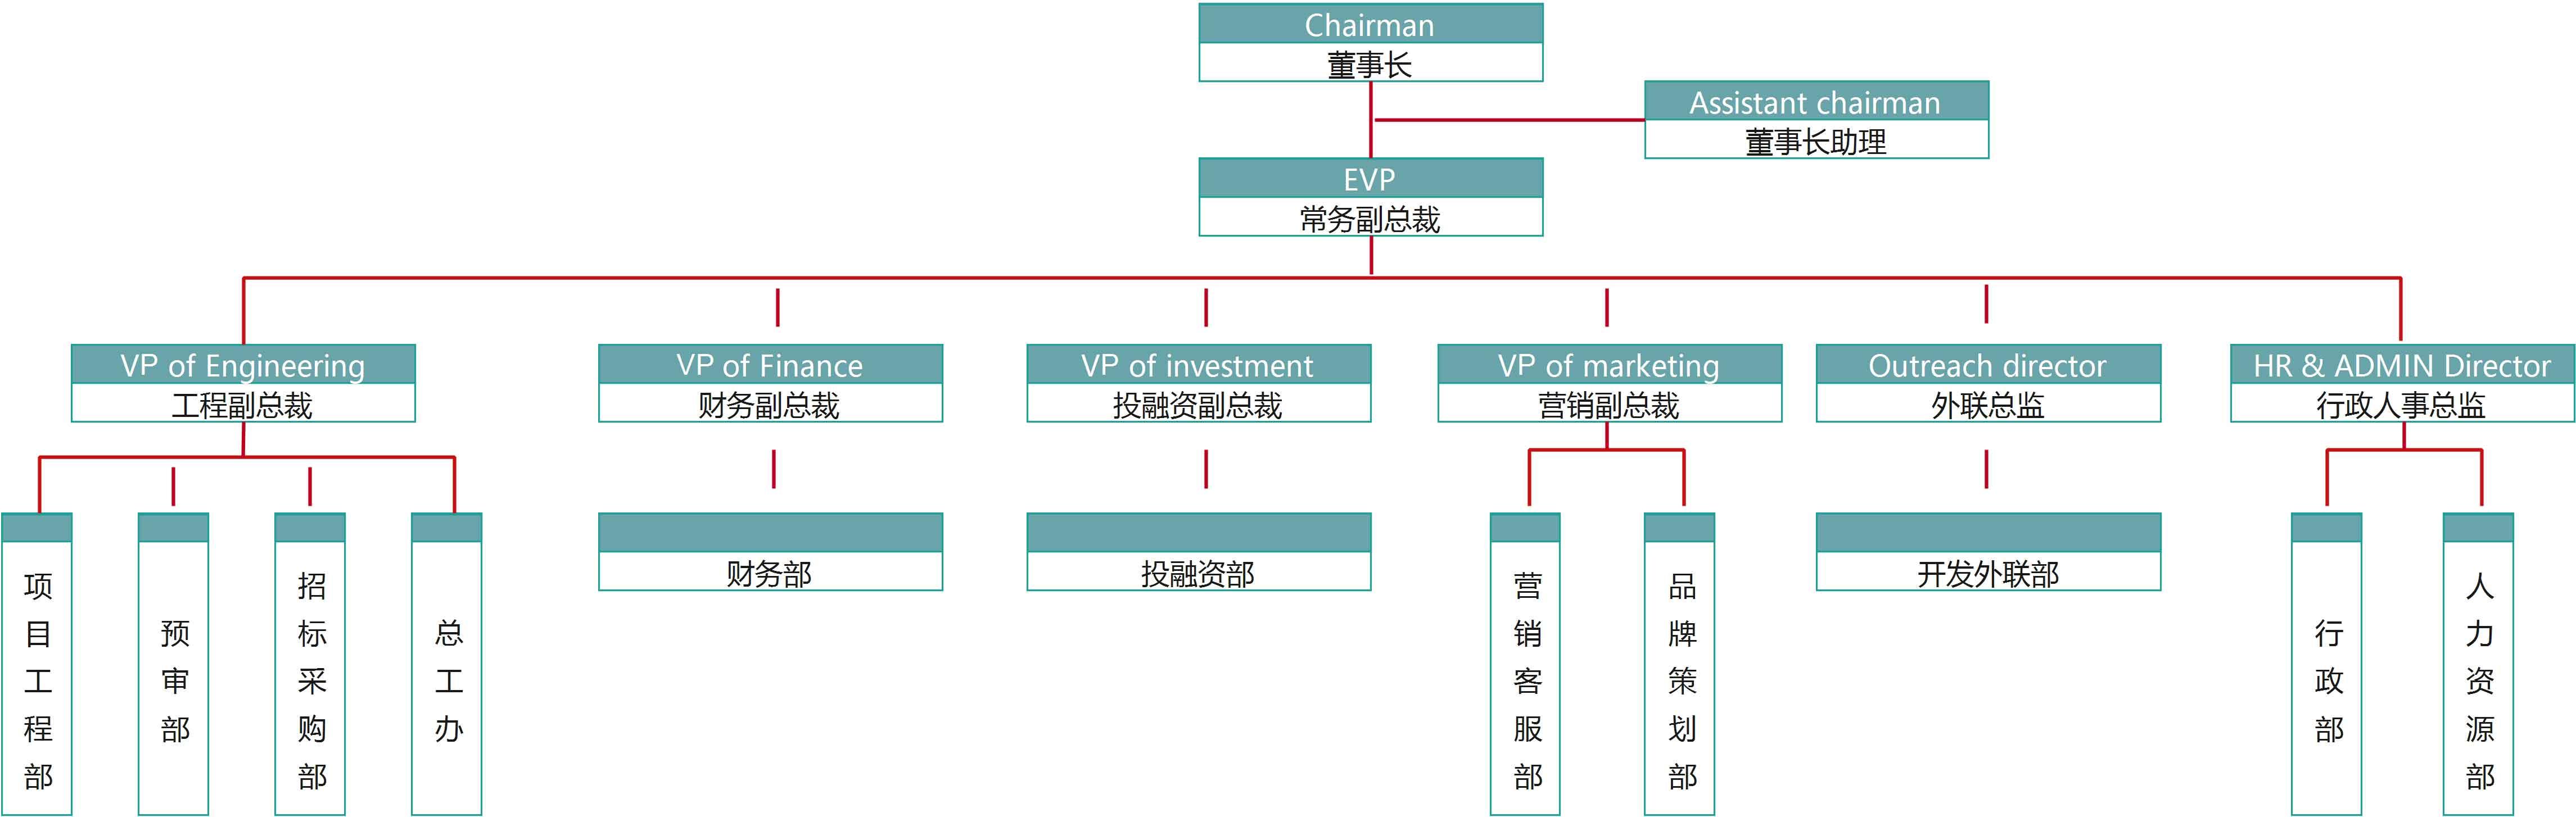 组织架构01.jpg